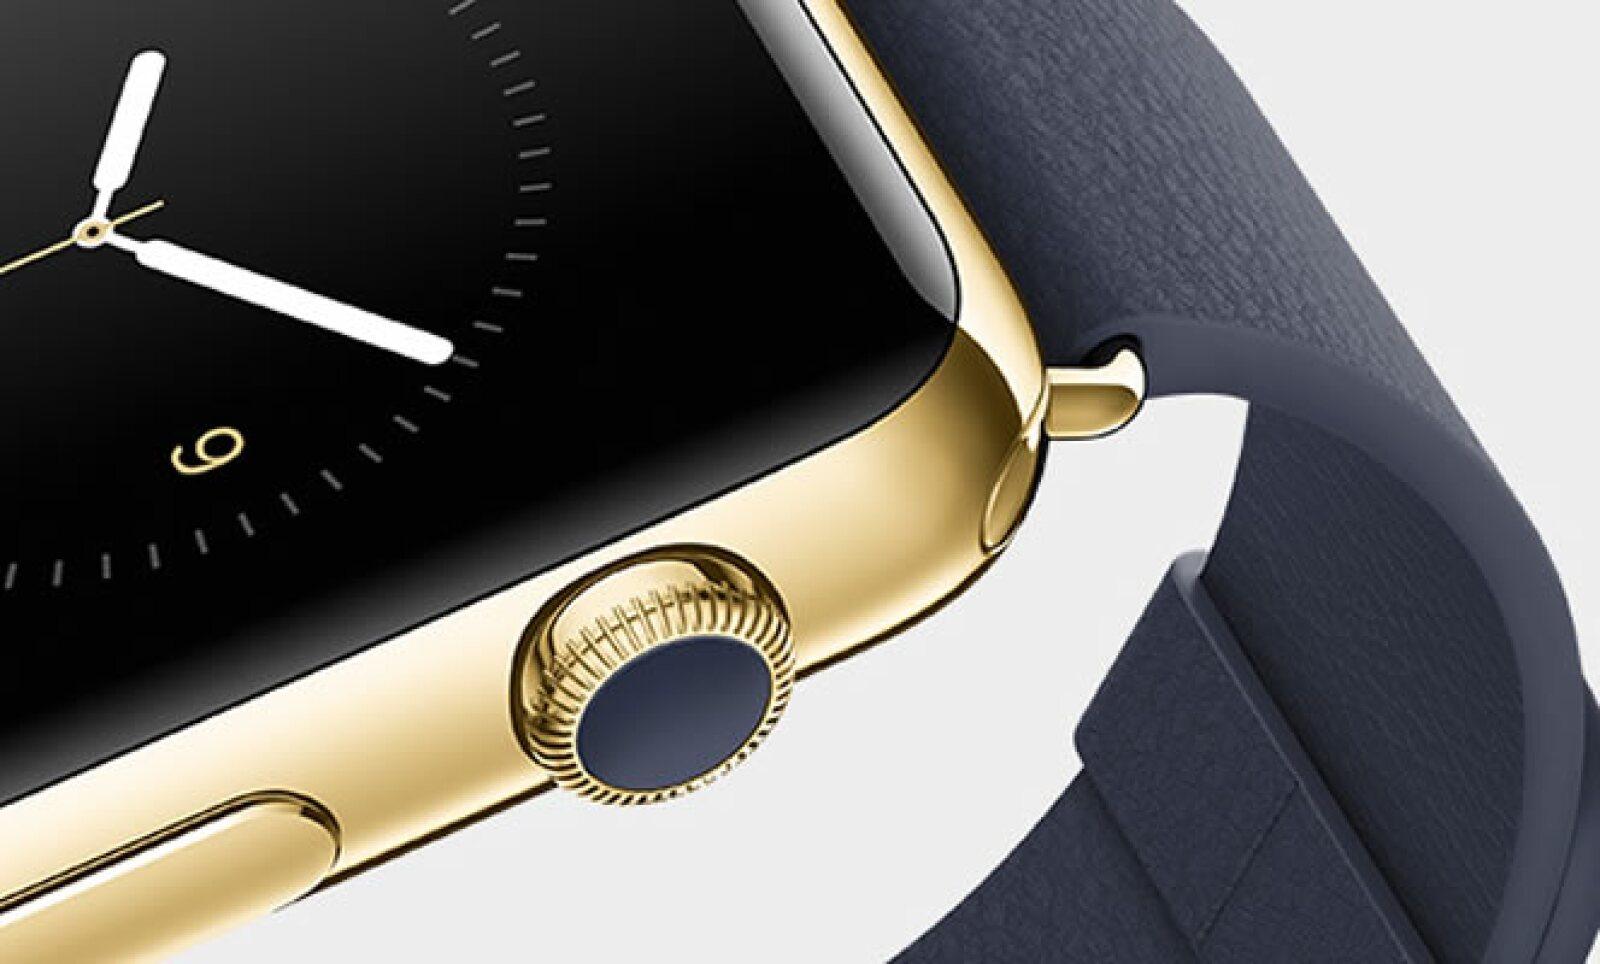 El reloj se mueve con una especie de botón que se encuentra a un costado.